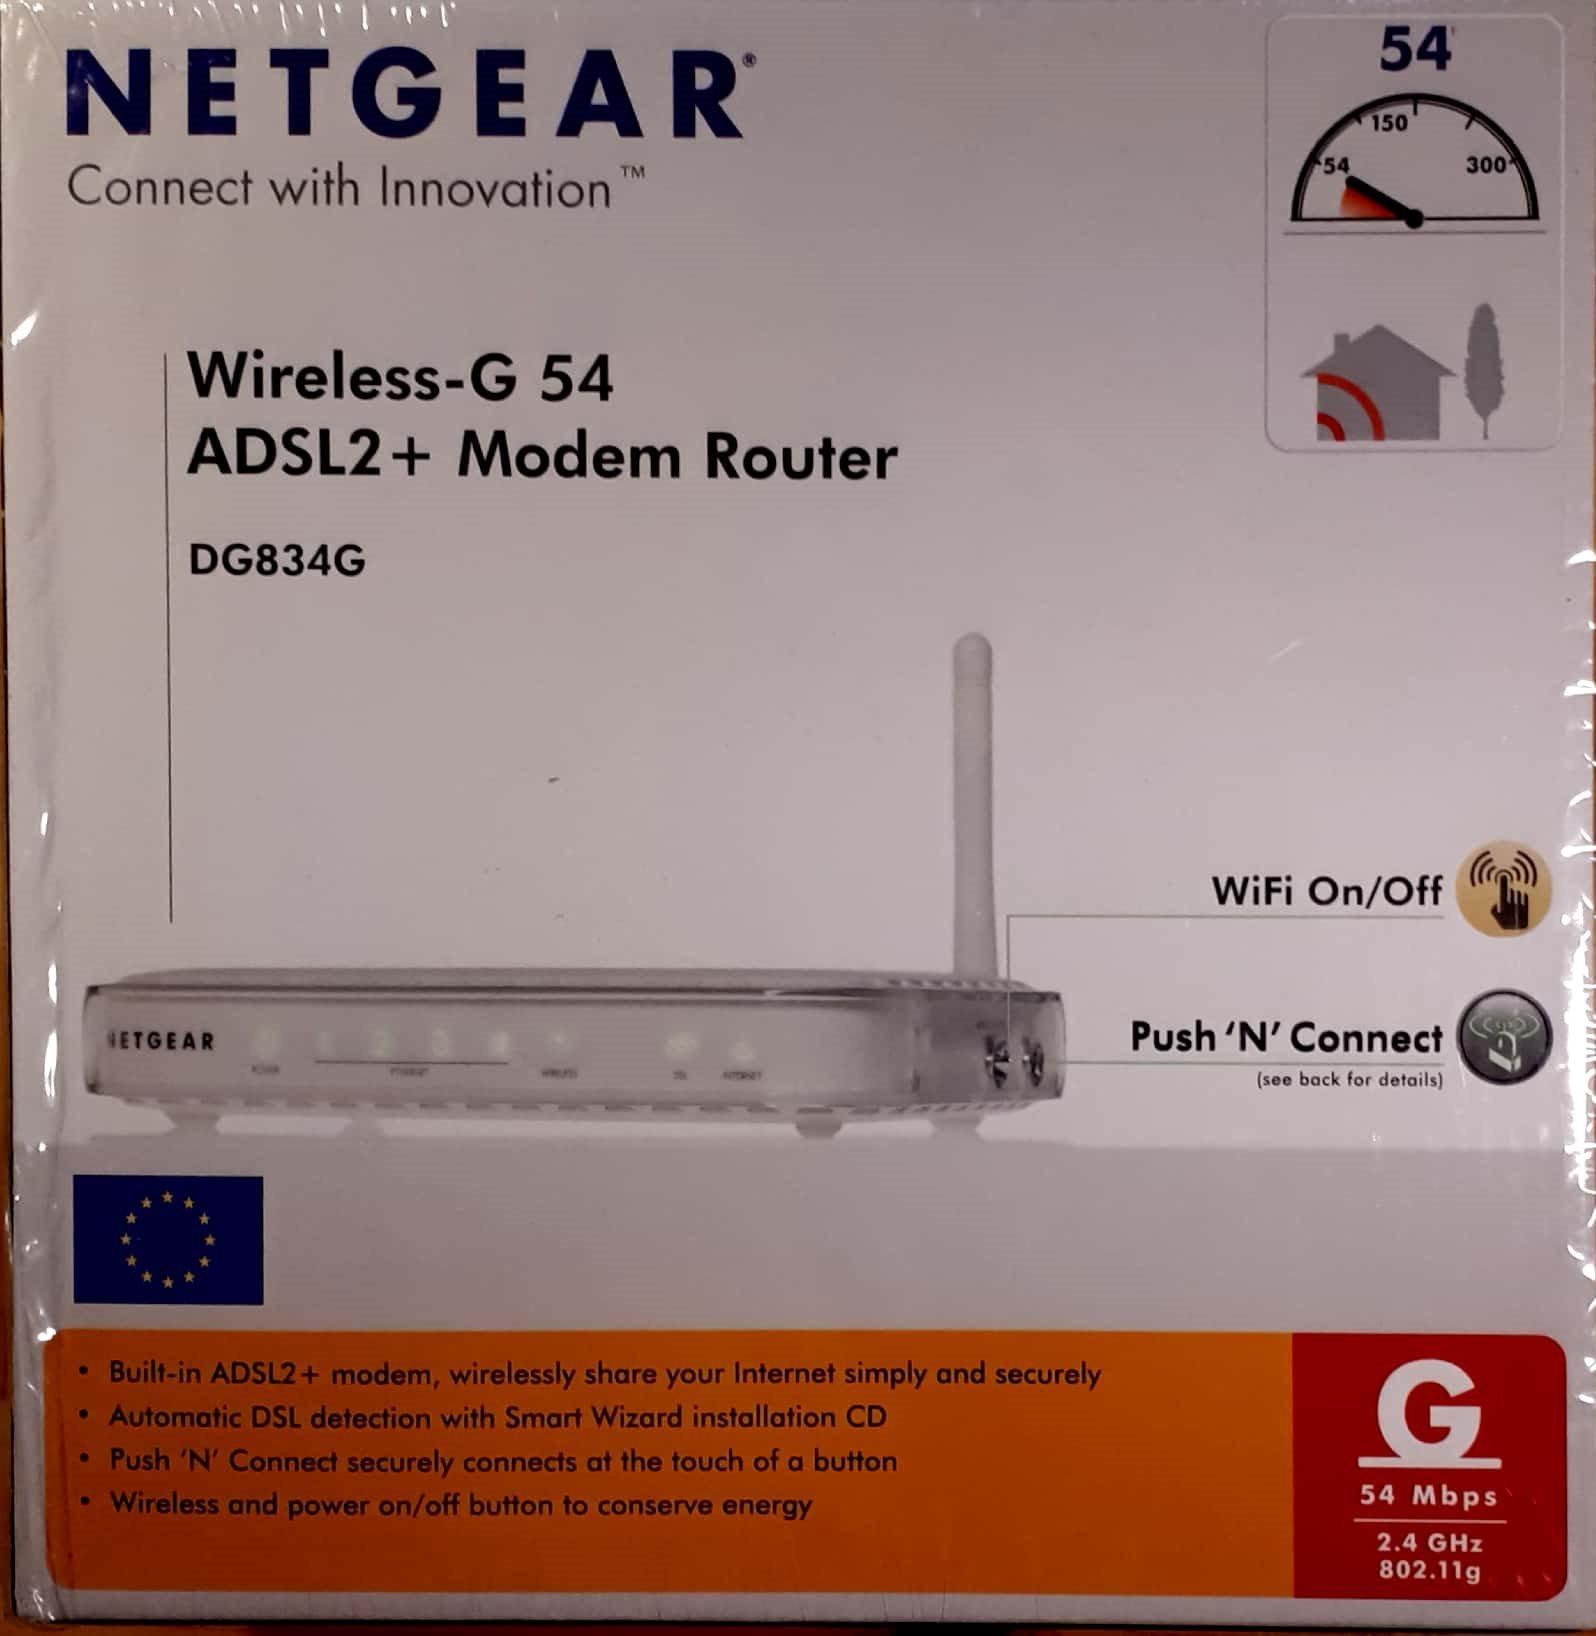 köpa trådlöst internet